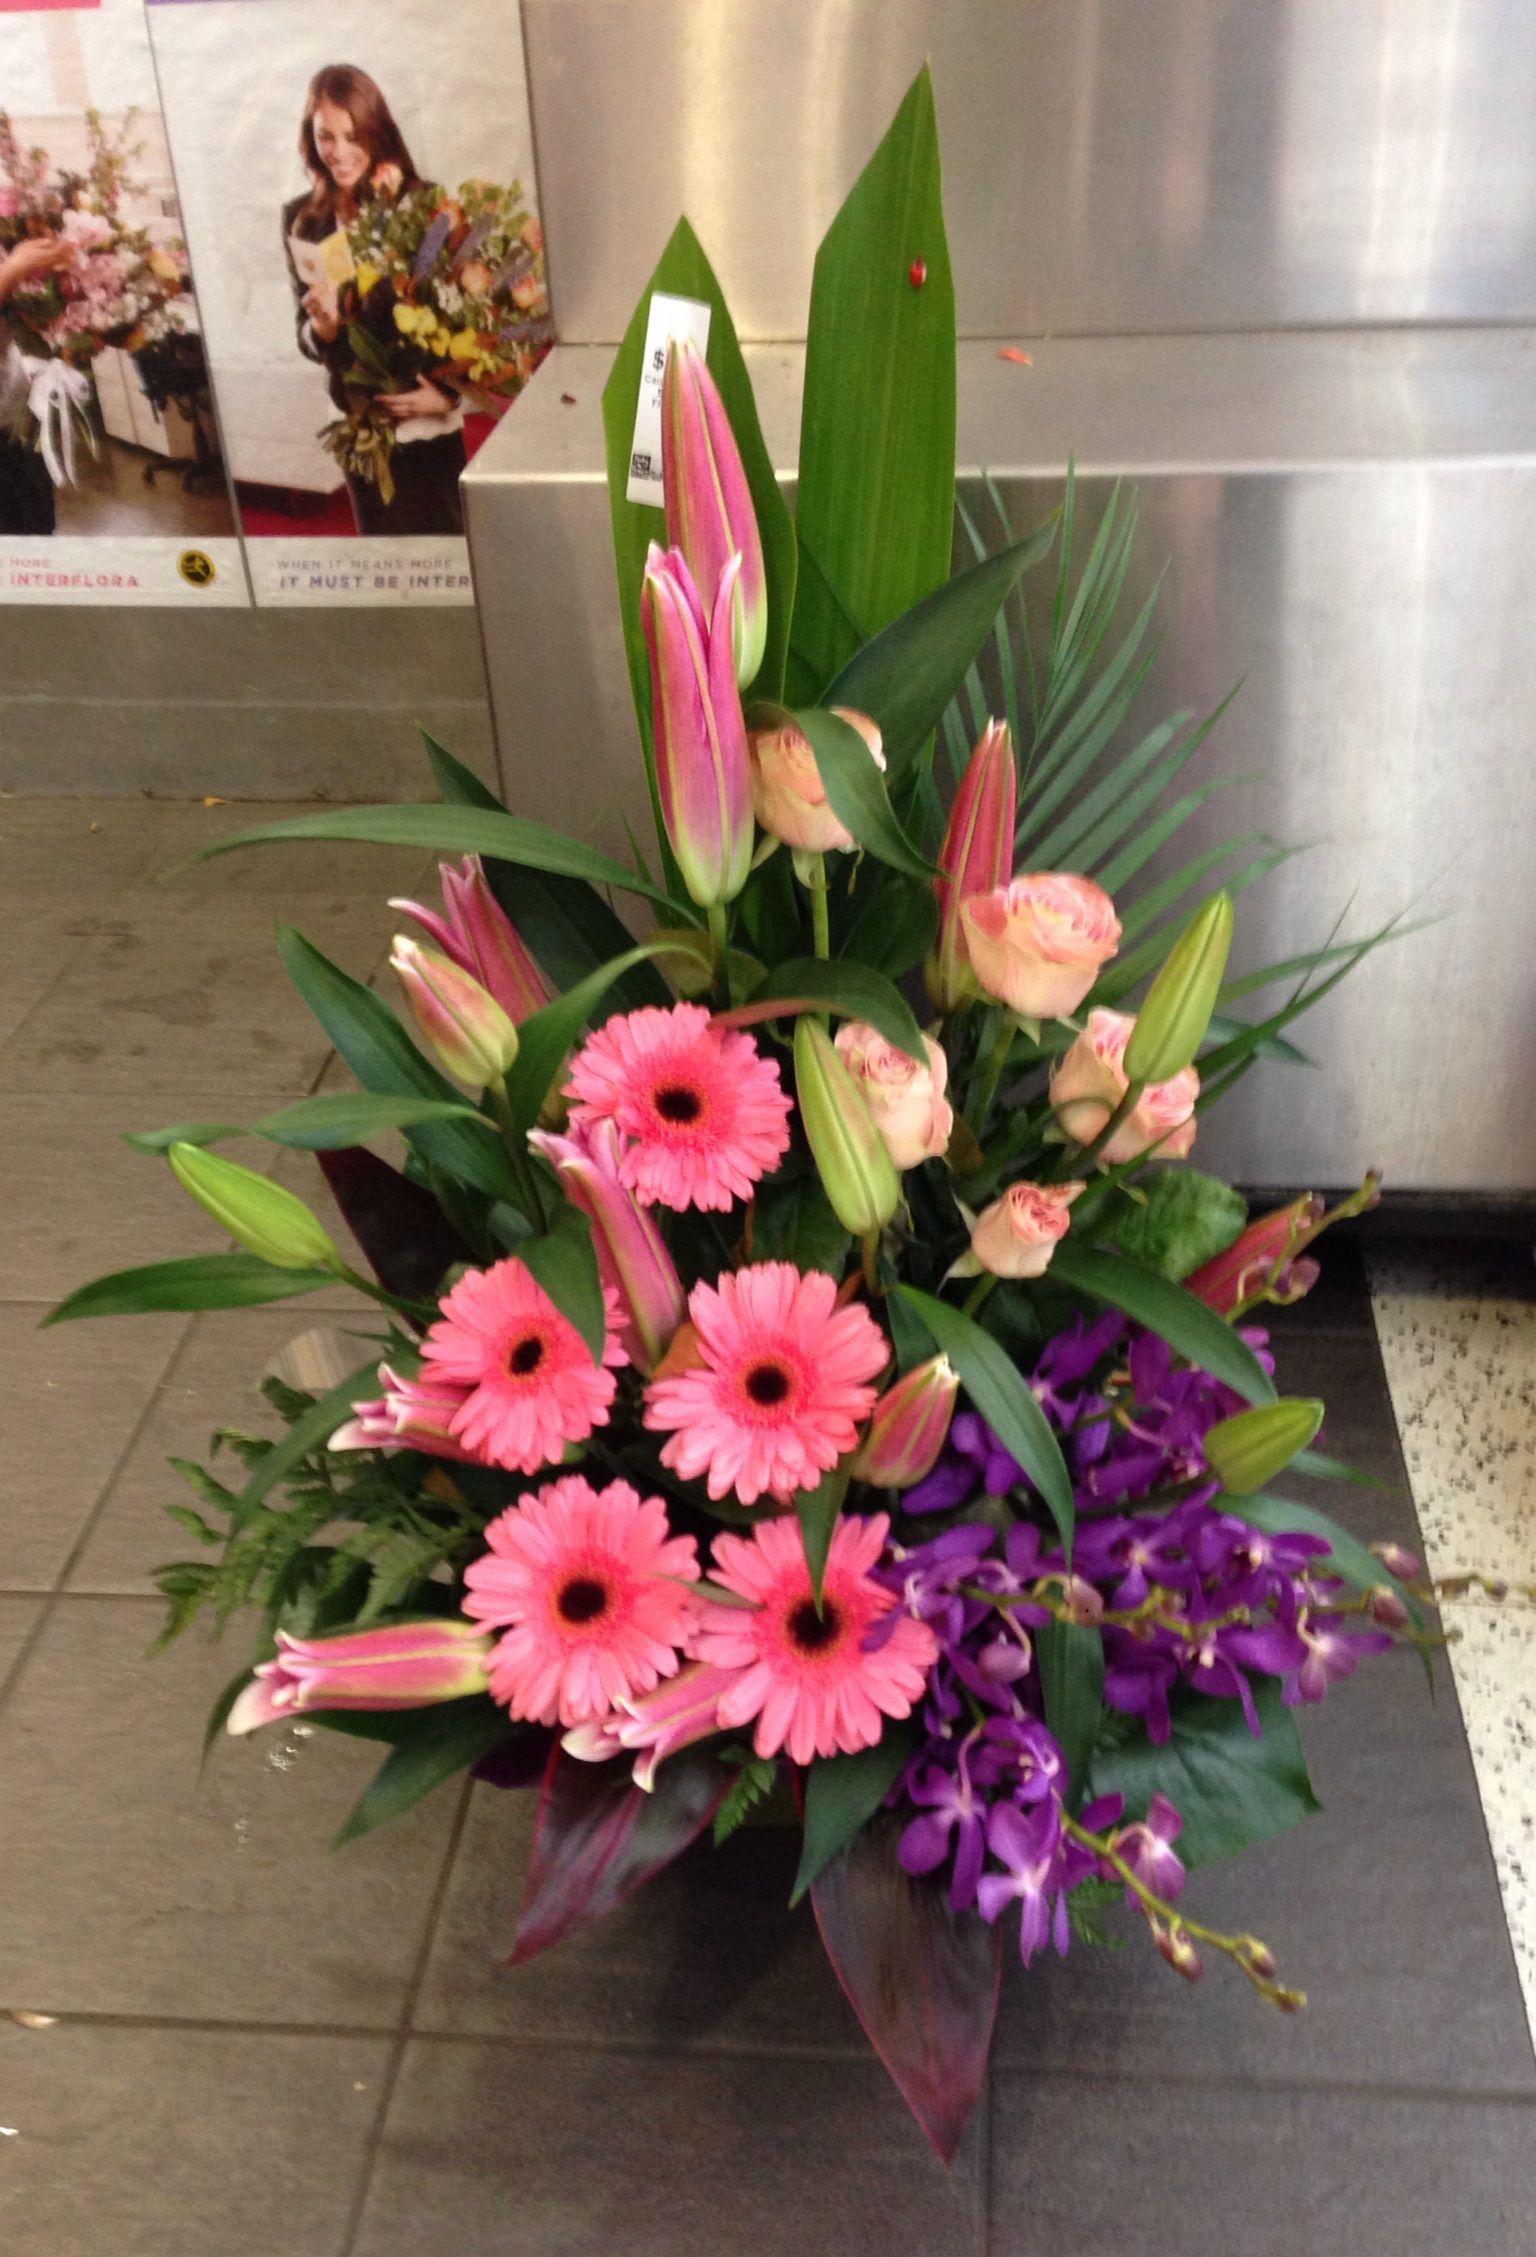 Gerbera S Orientals Lillie S Roses Singapore Orchids Church Flower Arrangements Large Flower Arrangements Funeral Flowers